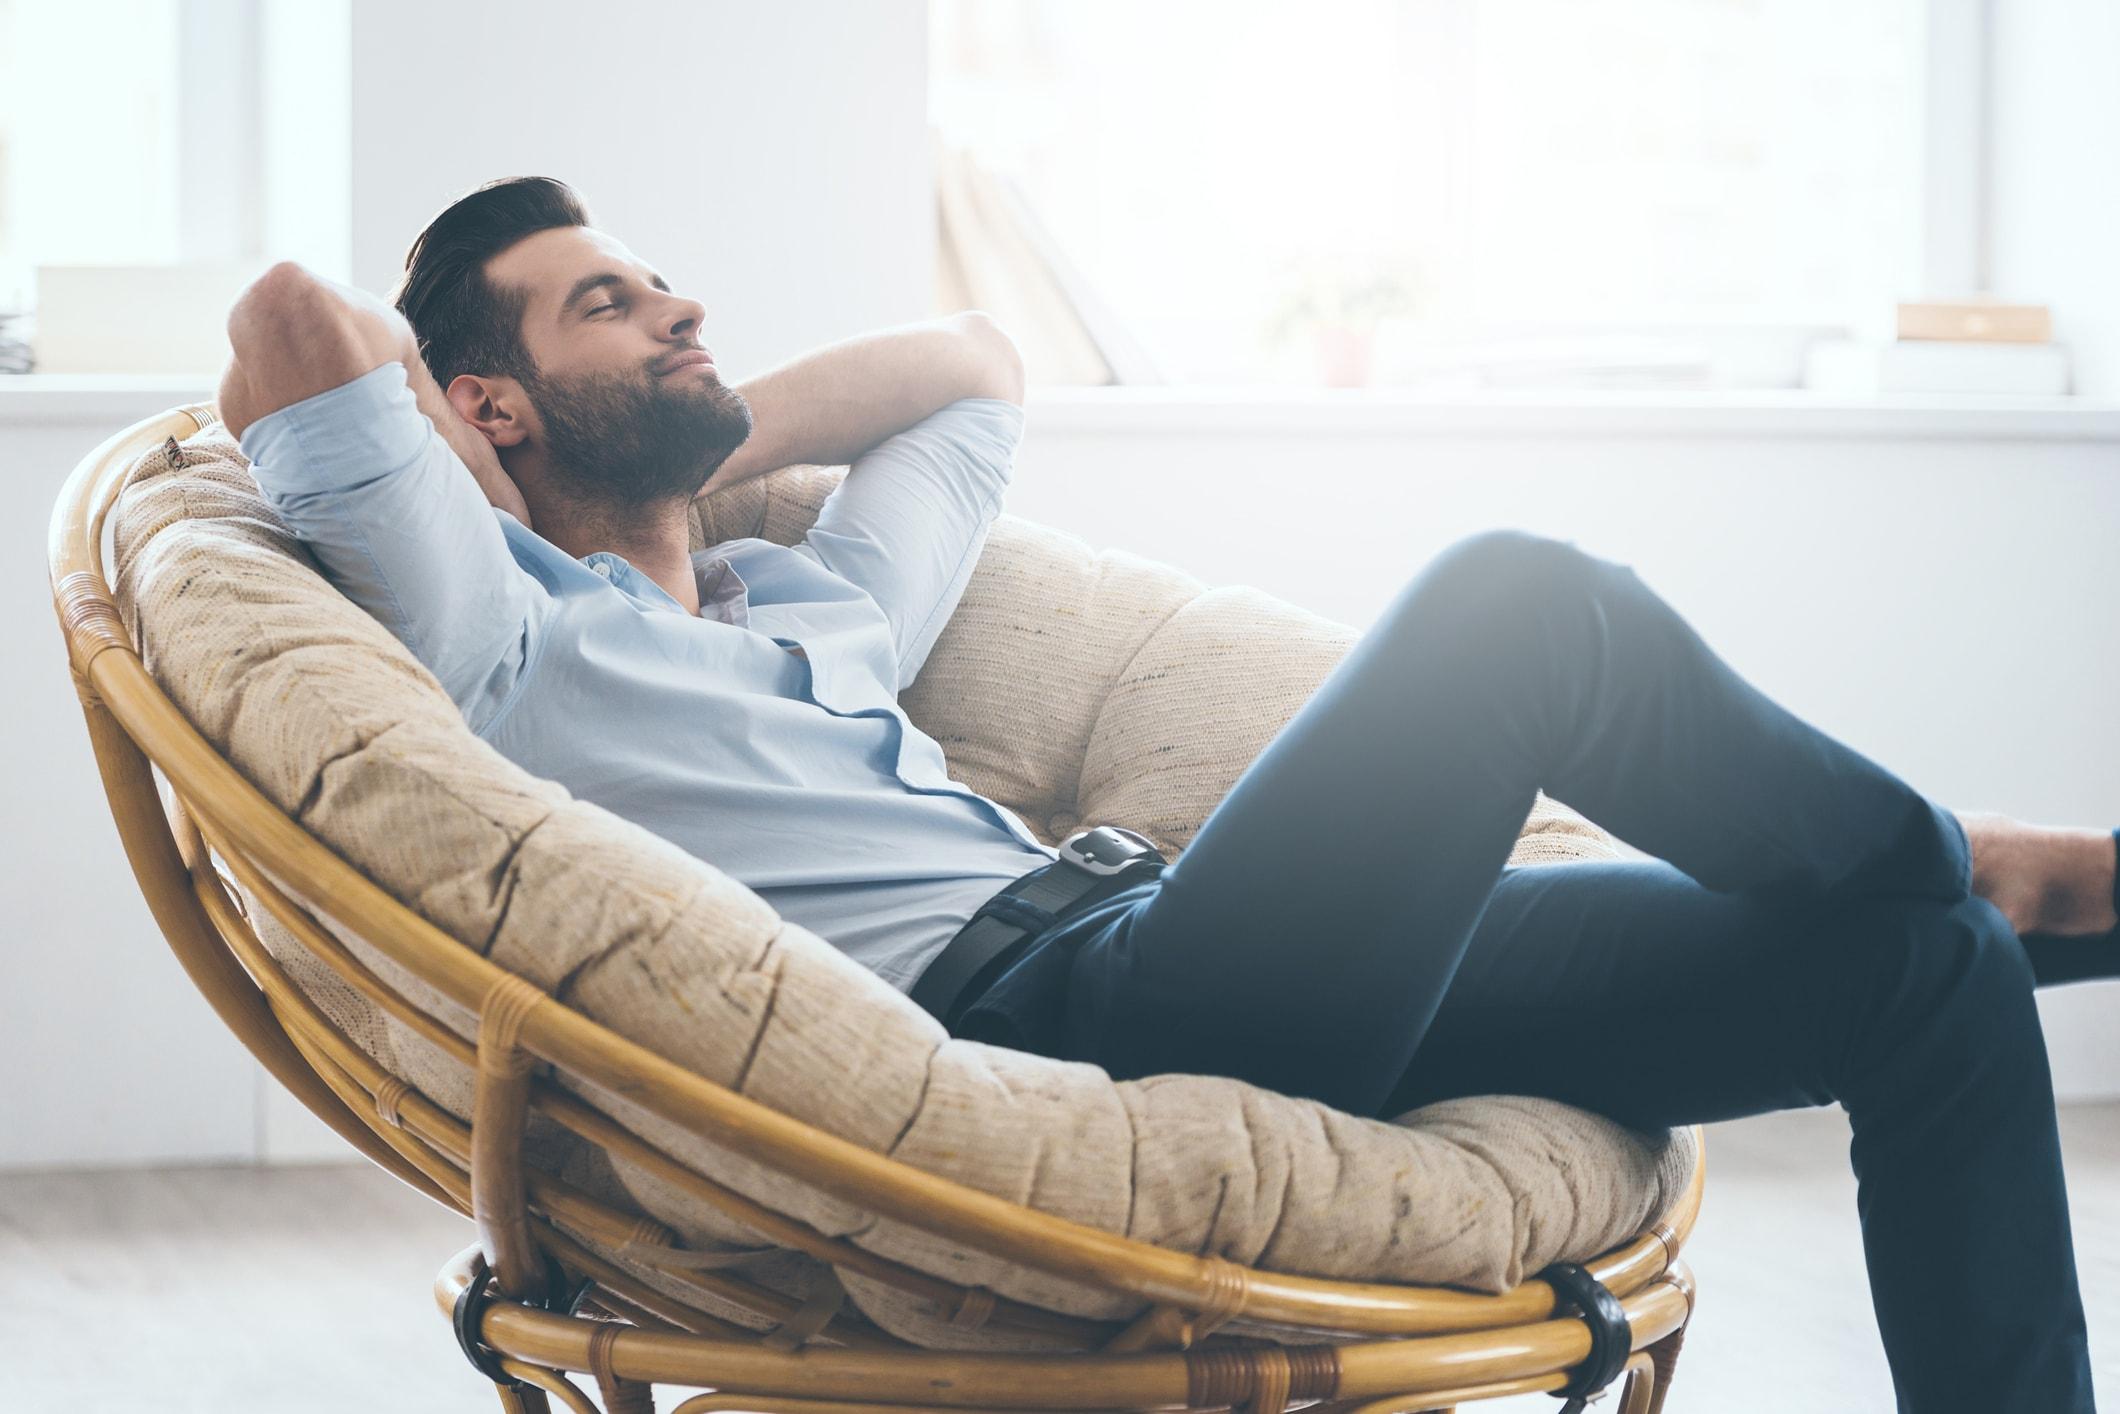 Mann auf dem Sofa